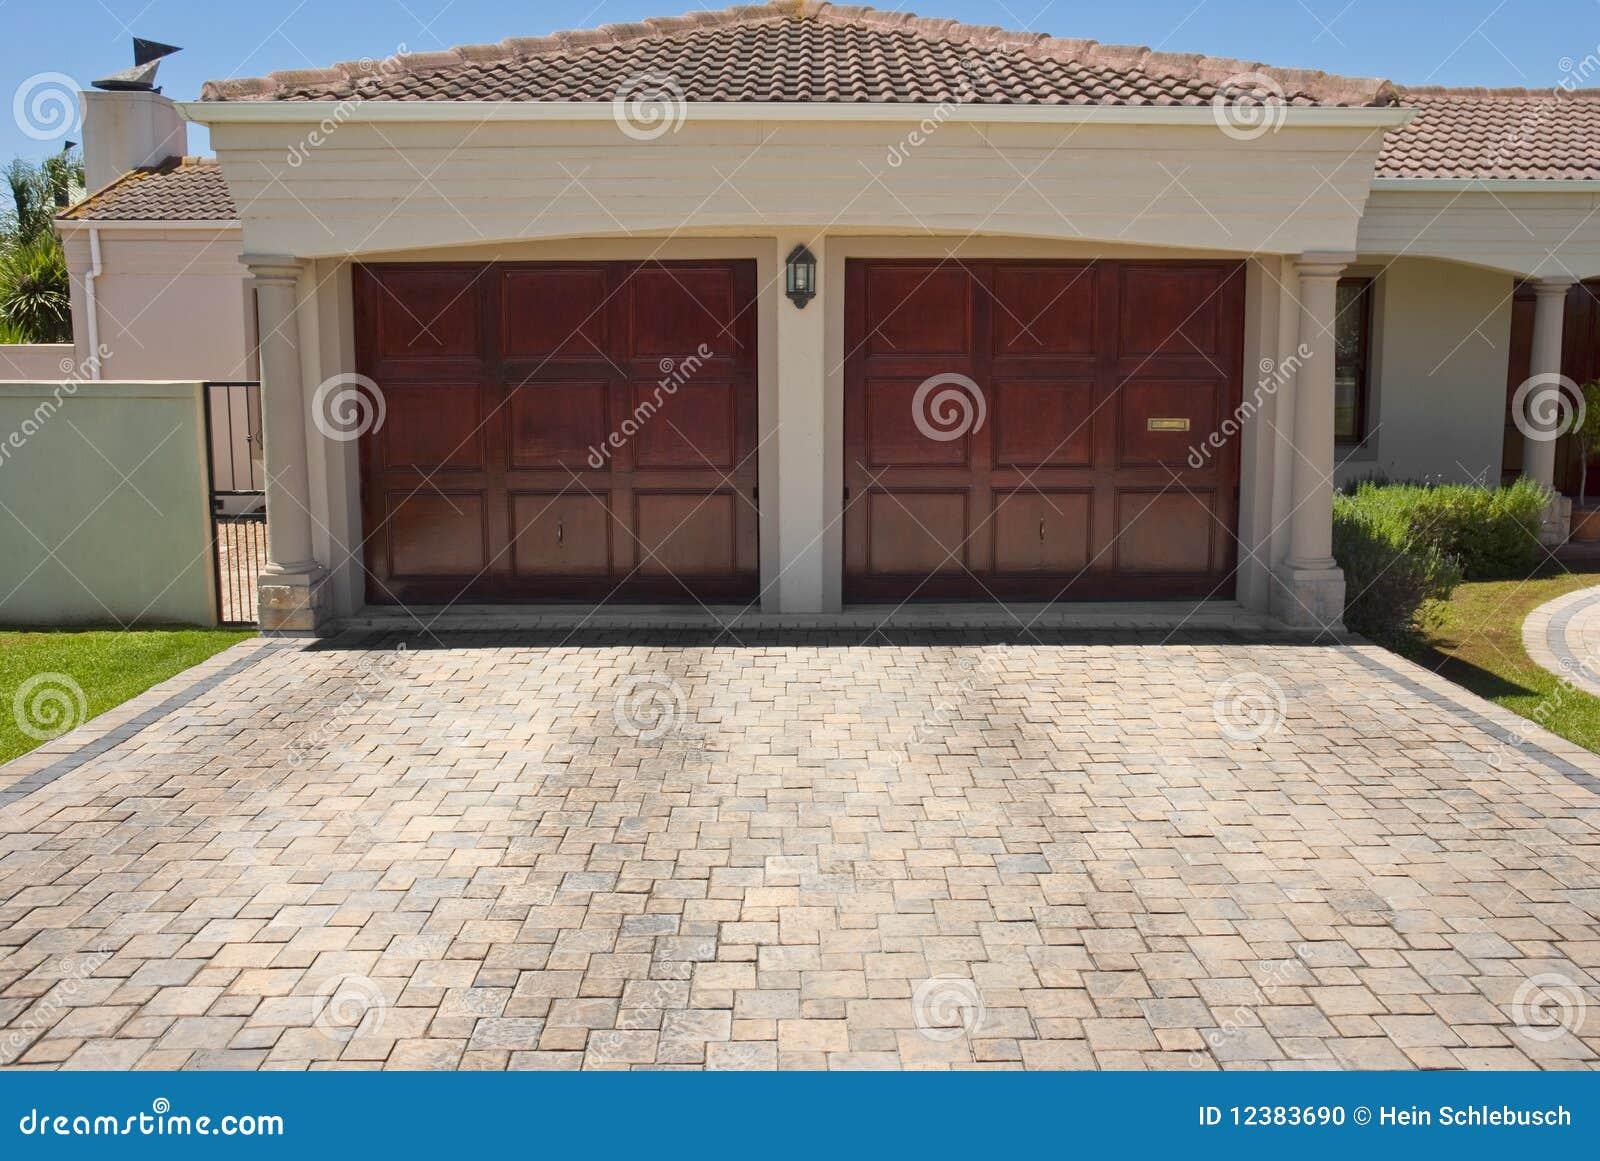 Puertas dobles marrones de madera del garage foto de for Casa con grande garage